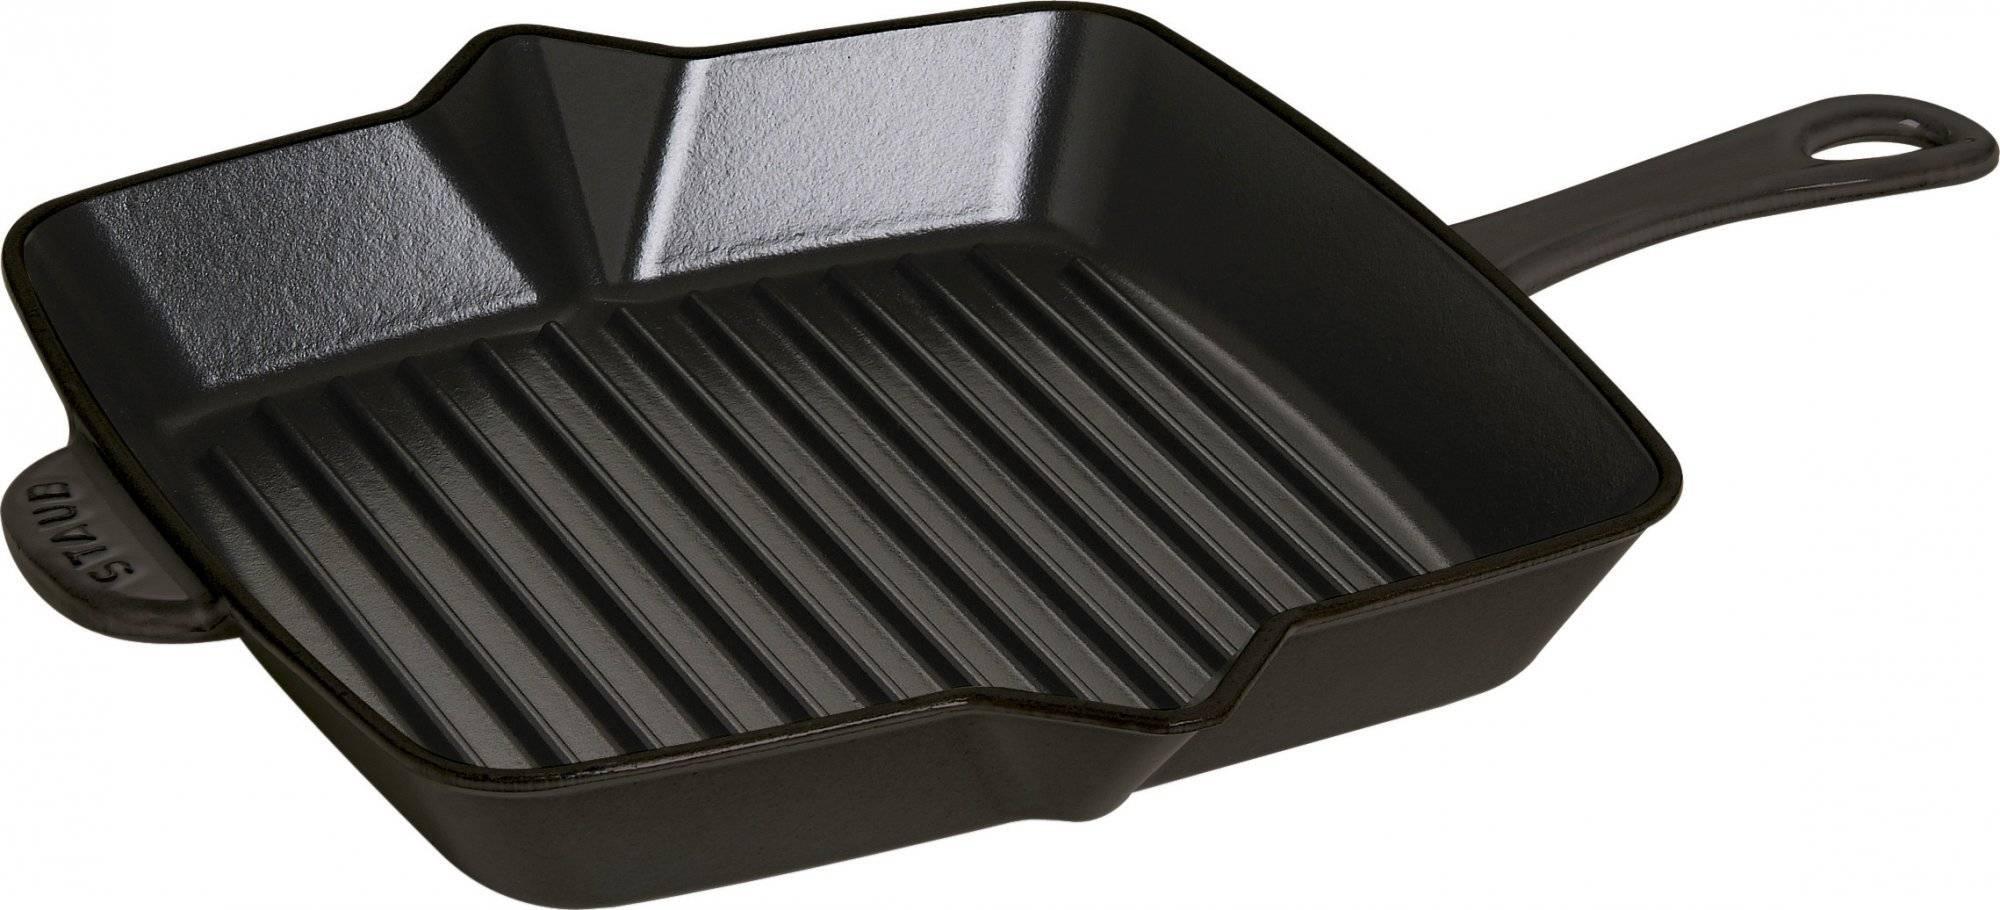 STAUB Americká grilovací pánev 26x26 cm černá + dárek k nákupu